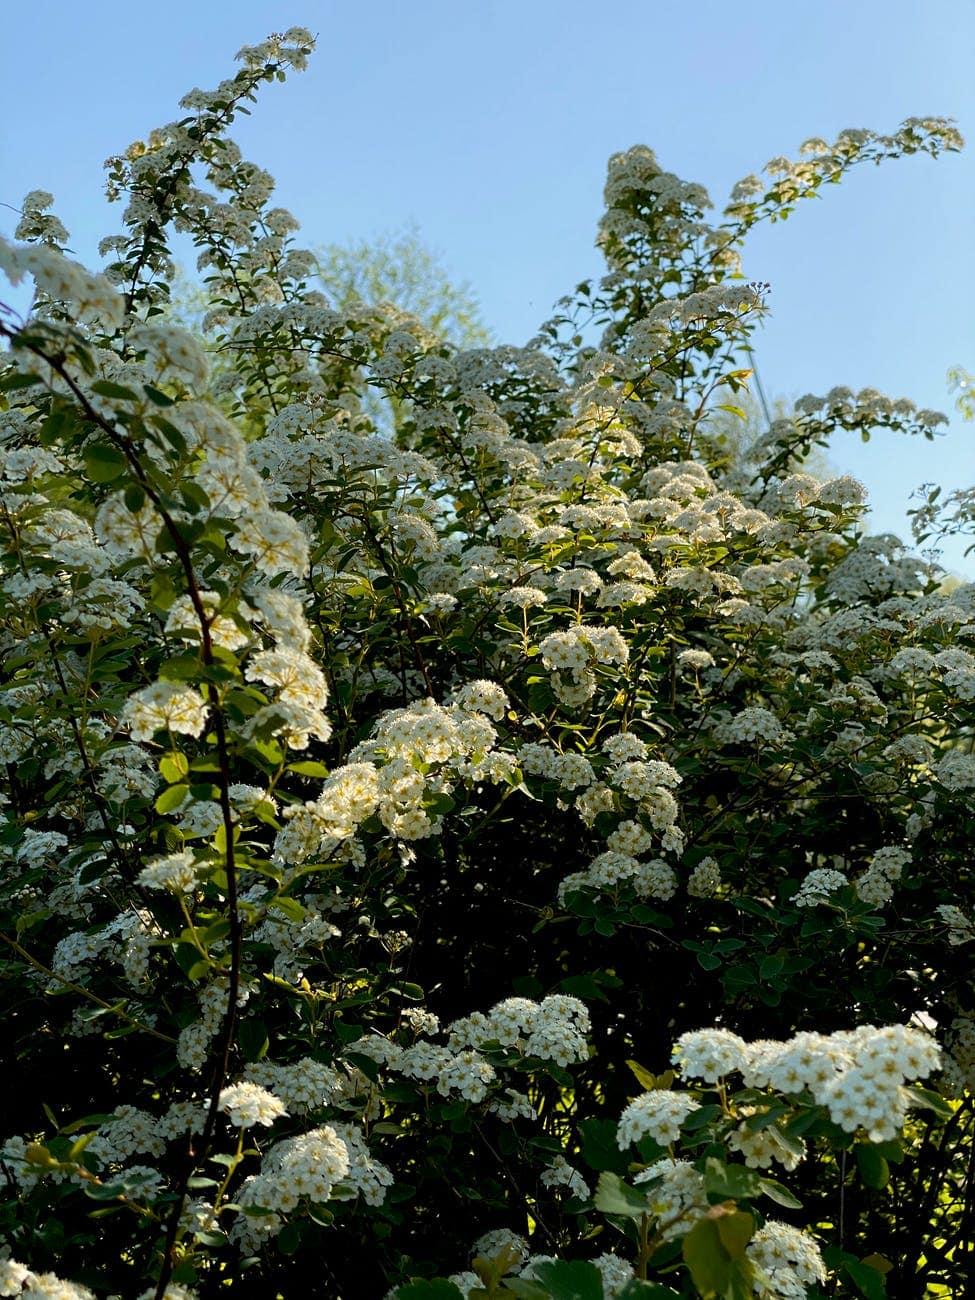 spiraea flowers blooming in park